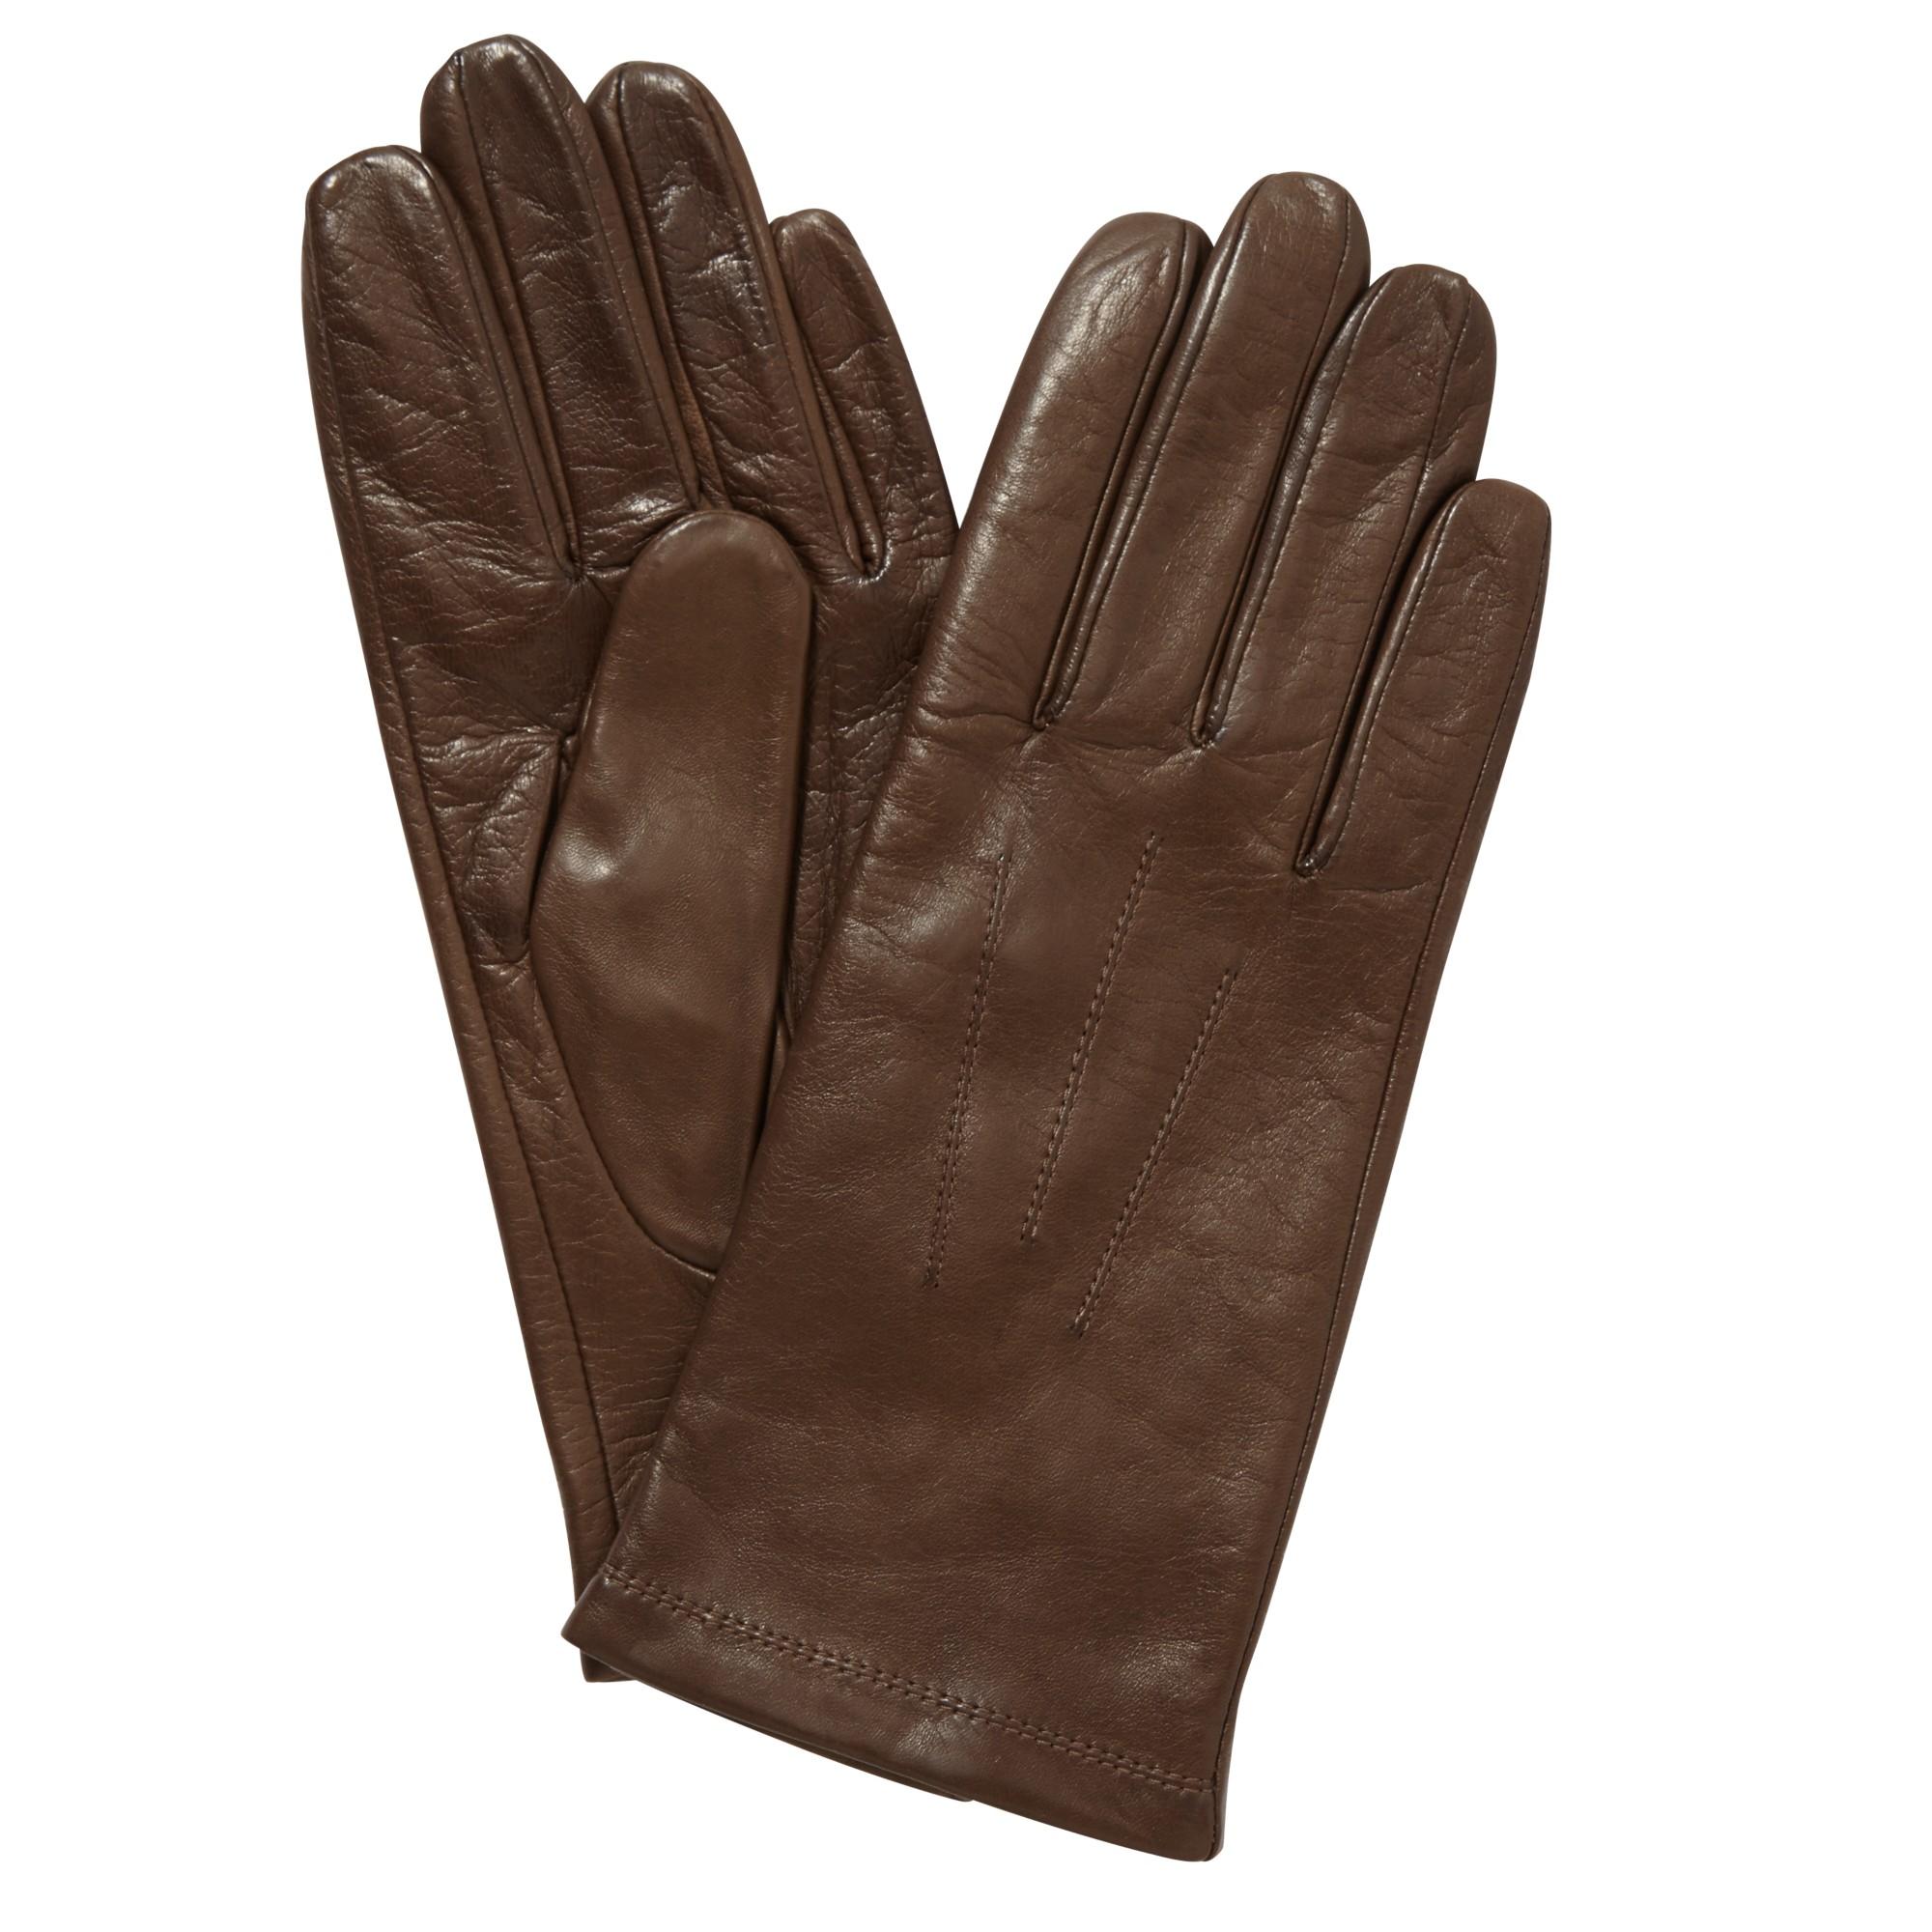 Black leather gloves brisbane - Buy Leather Gloves Brisbane Ultimate Gardening Gloves John Lewis